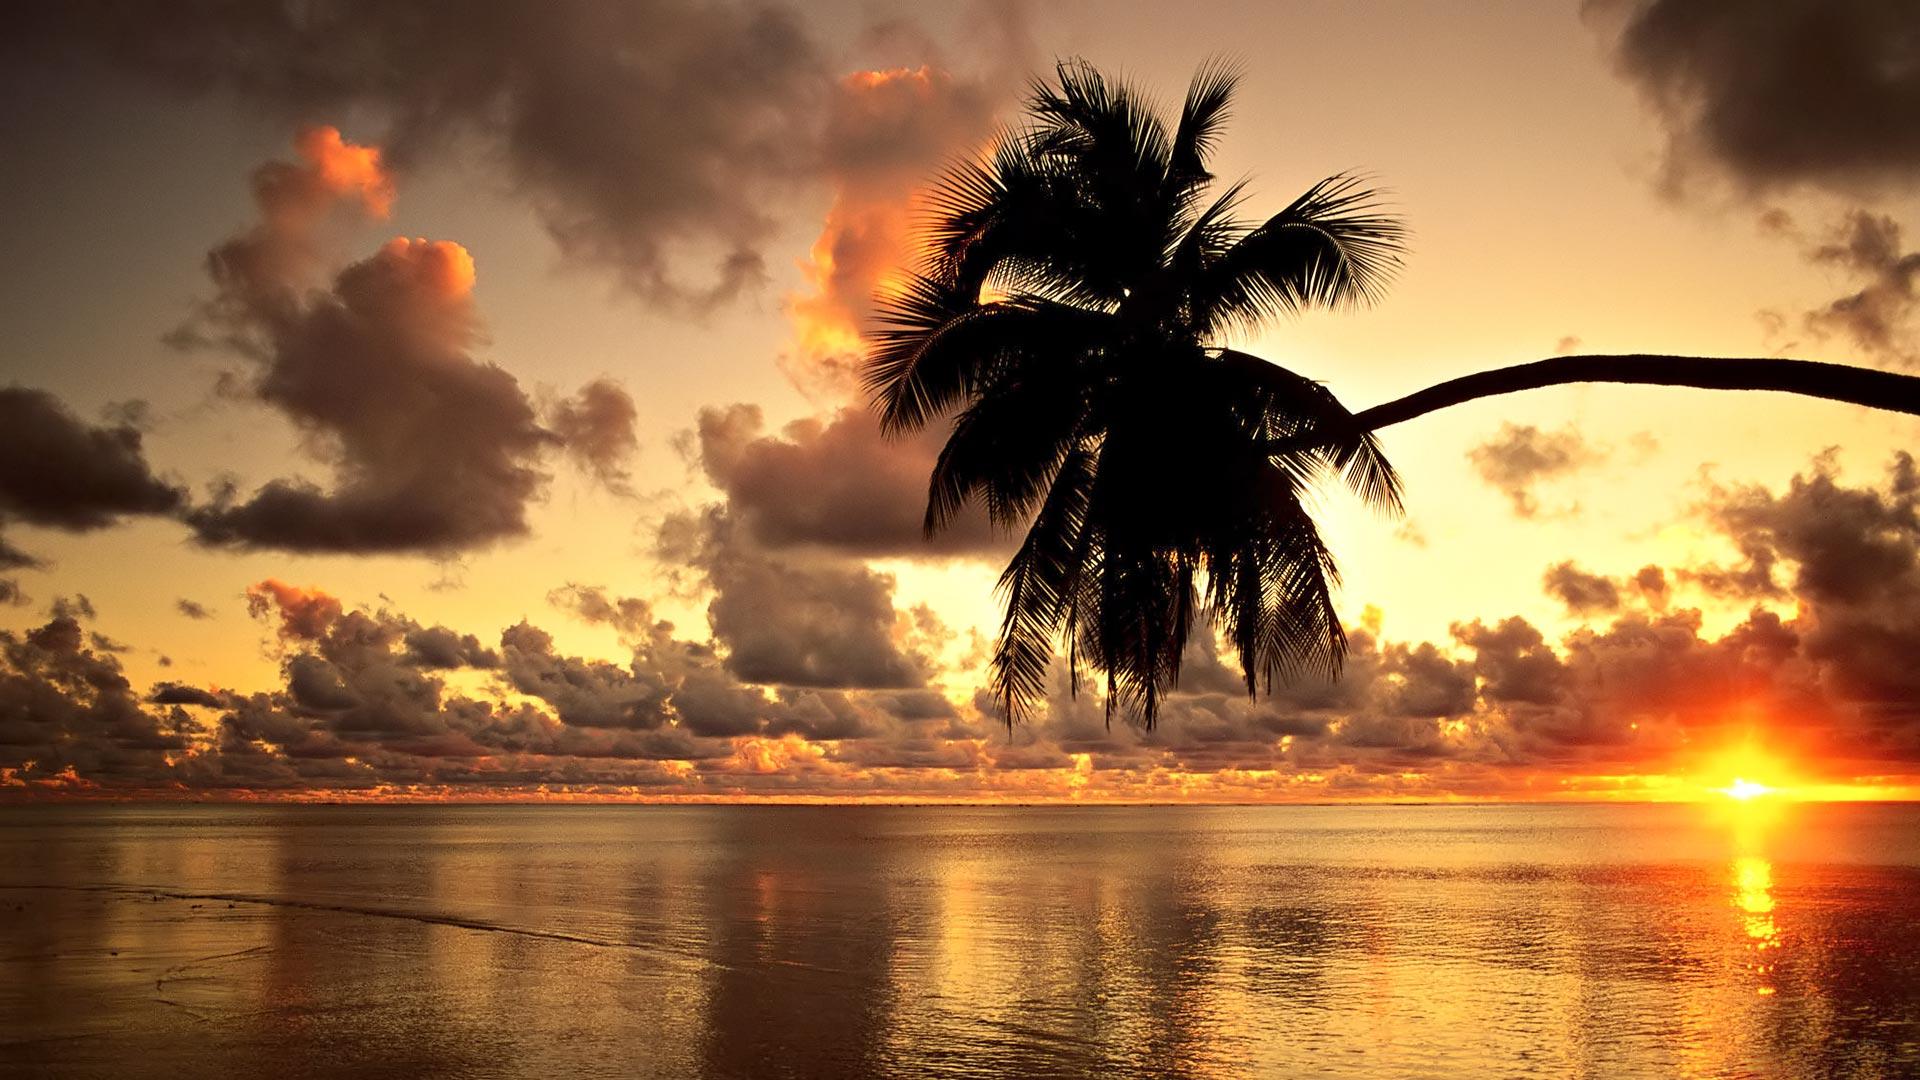 ... Hawaii Condos Golden sunset hd wallpaper | High Definition Wallpaper